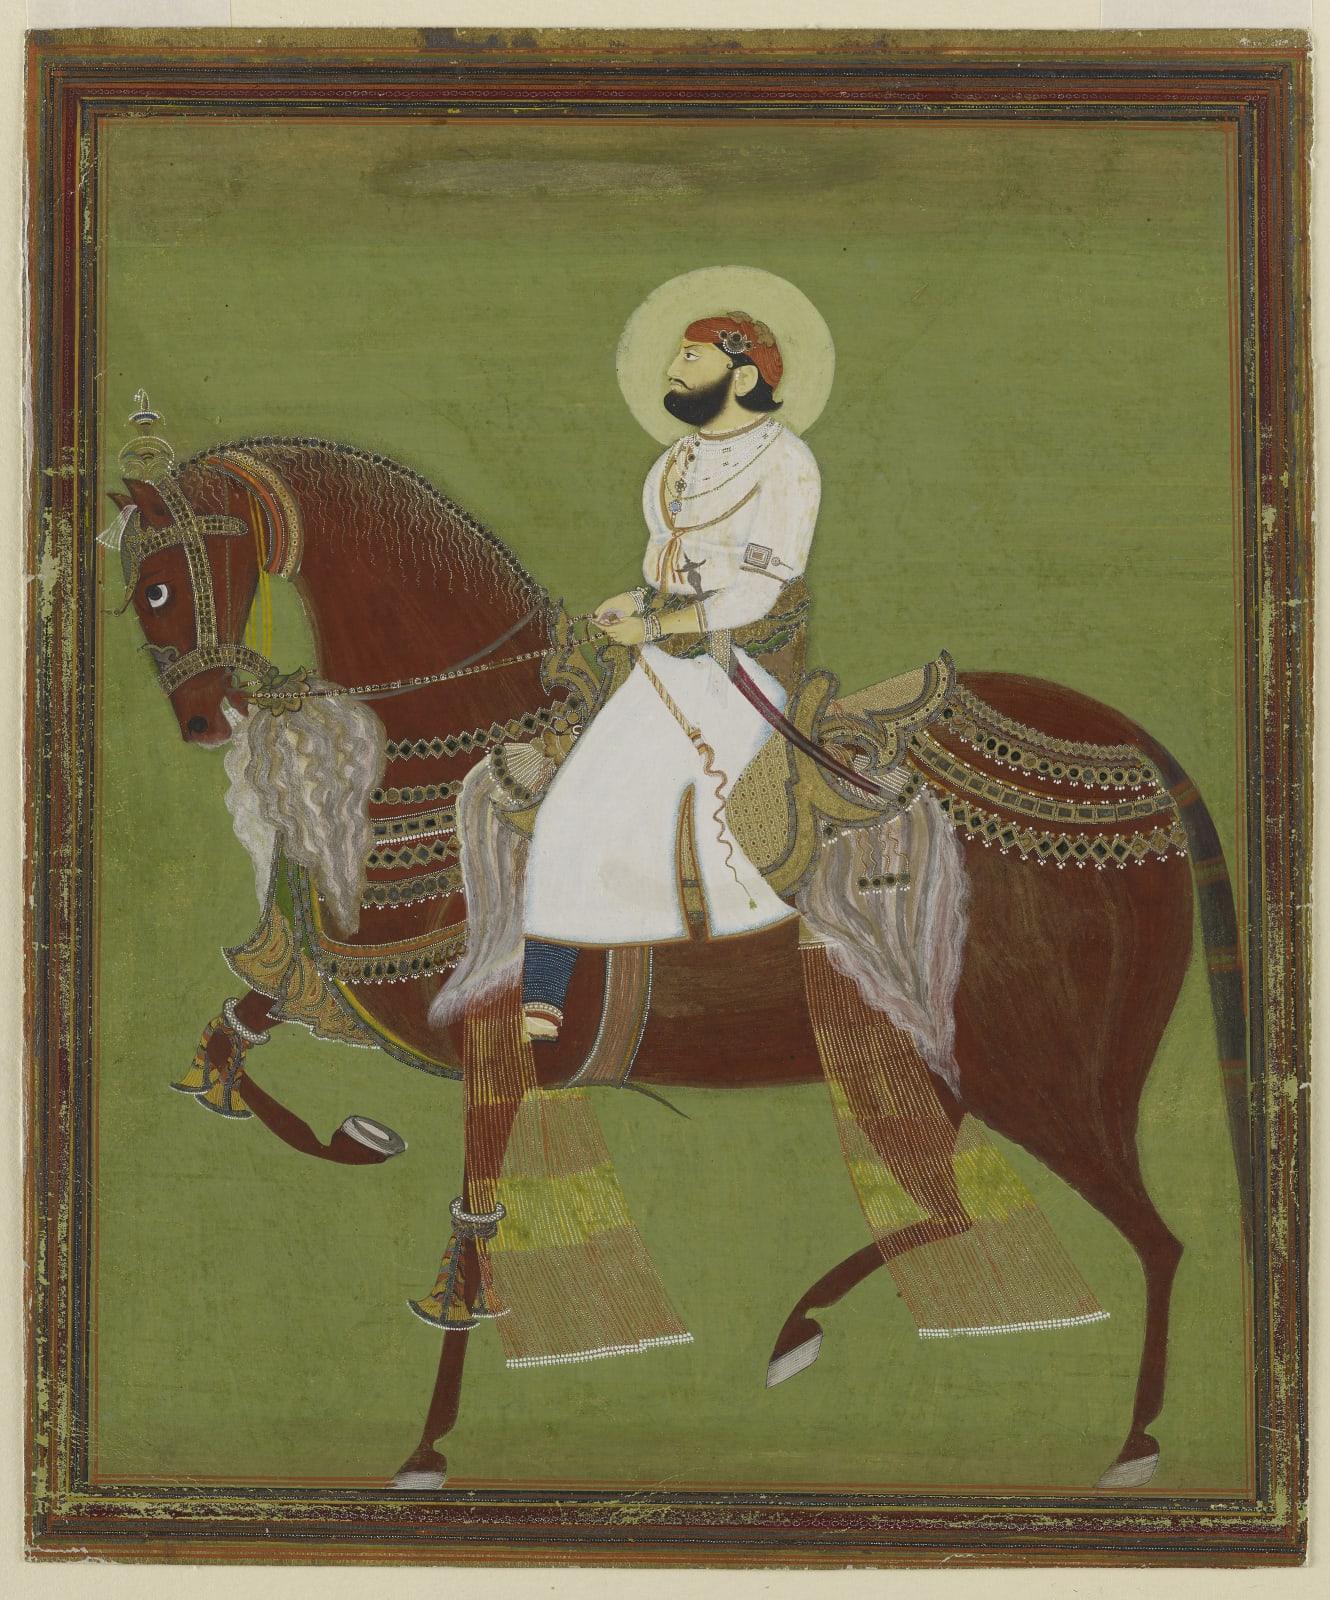 A ruler on horseback, probably Maharao Bakhtawar Singh of Alwar, Alwar, c. 1810